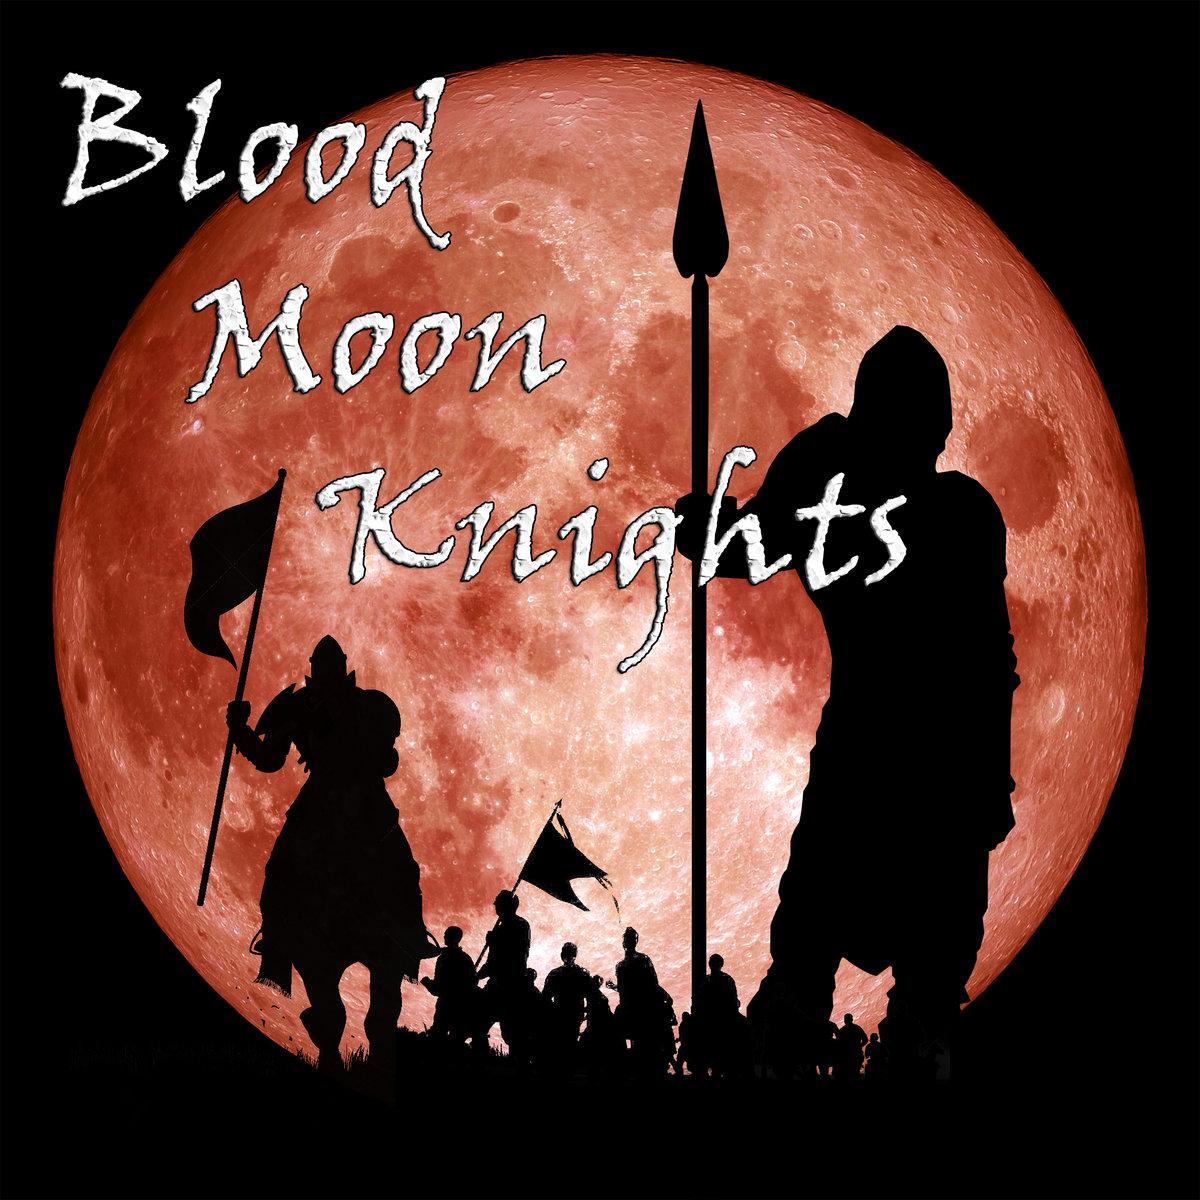 blood moon 2019 vermont - photo #28